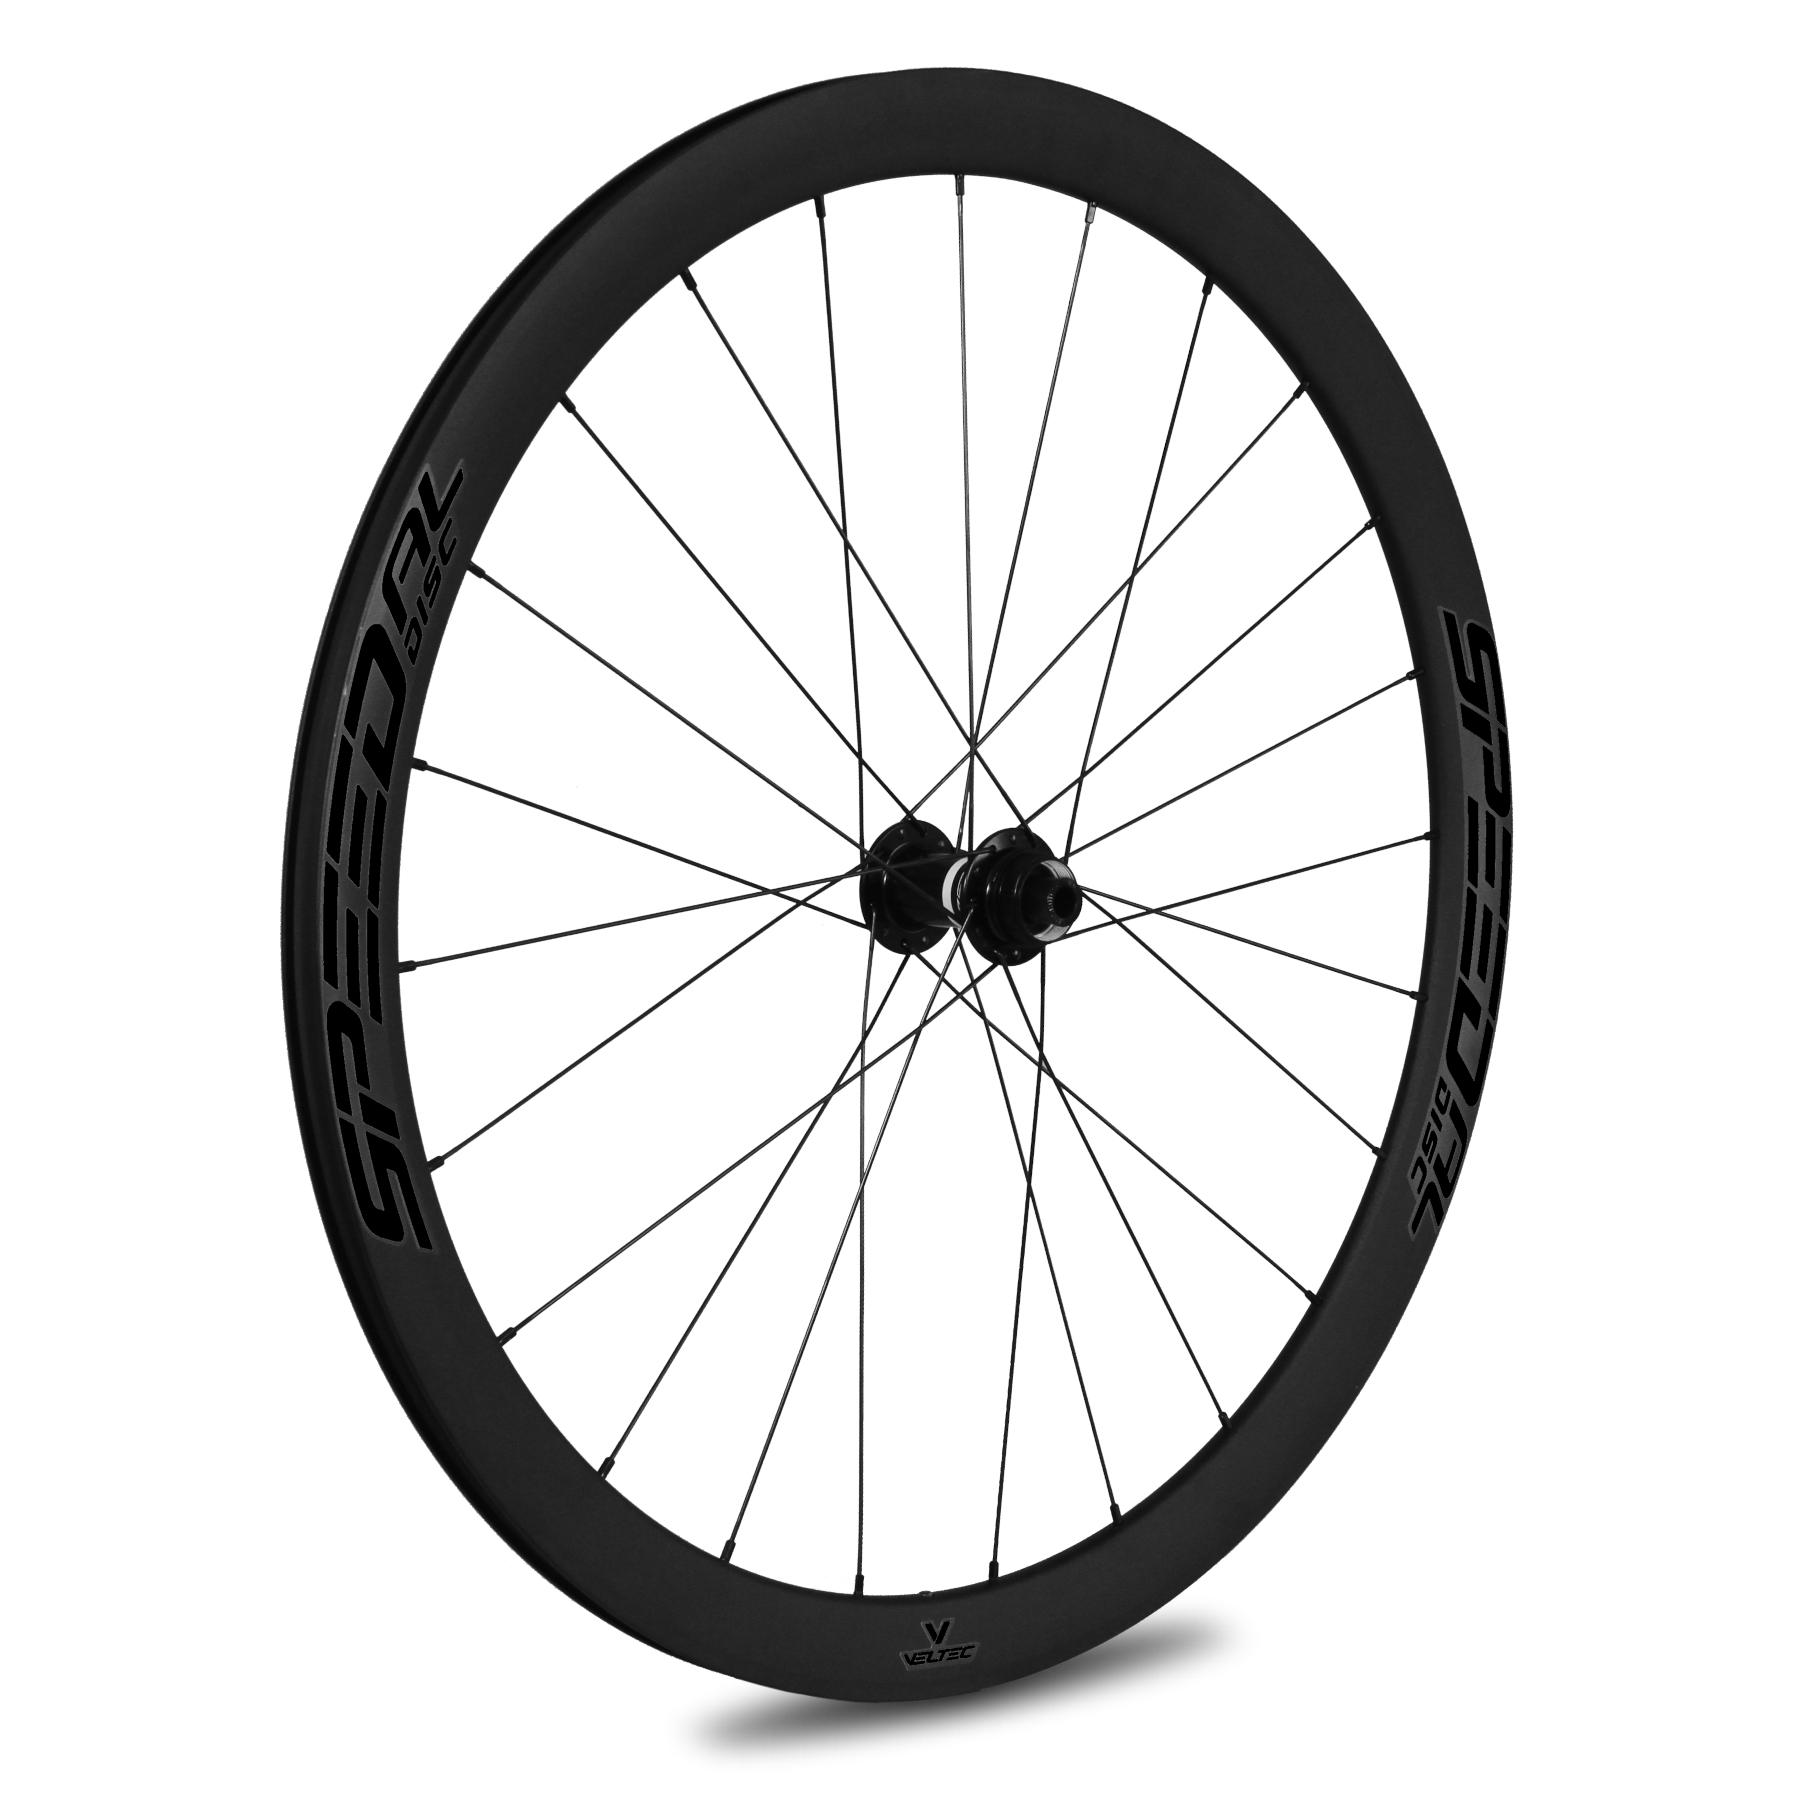 Veltec Speed AL Disc Vorderrad - Drahtreifen - QR100 - schwarz